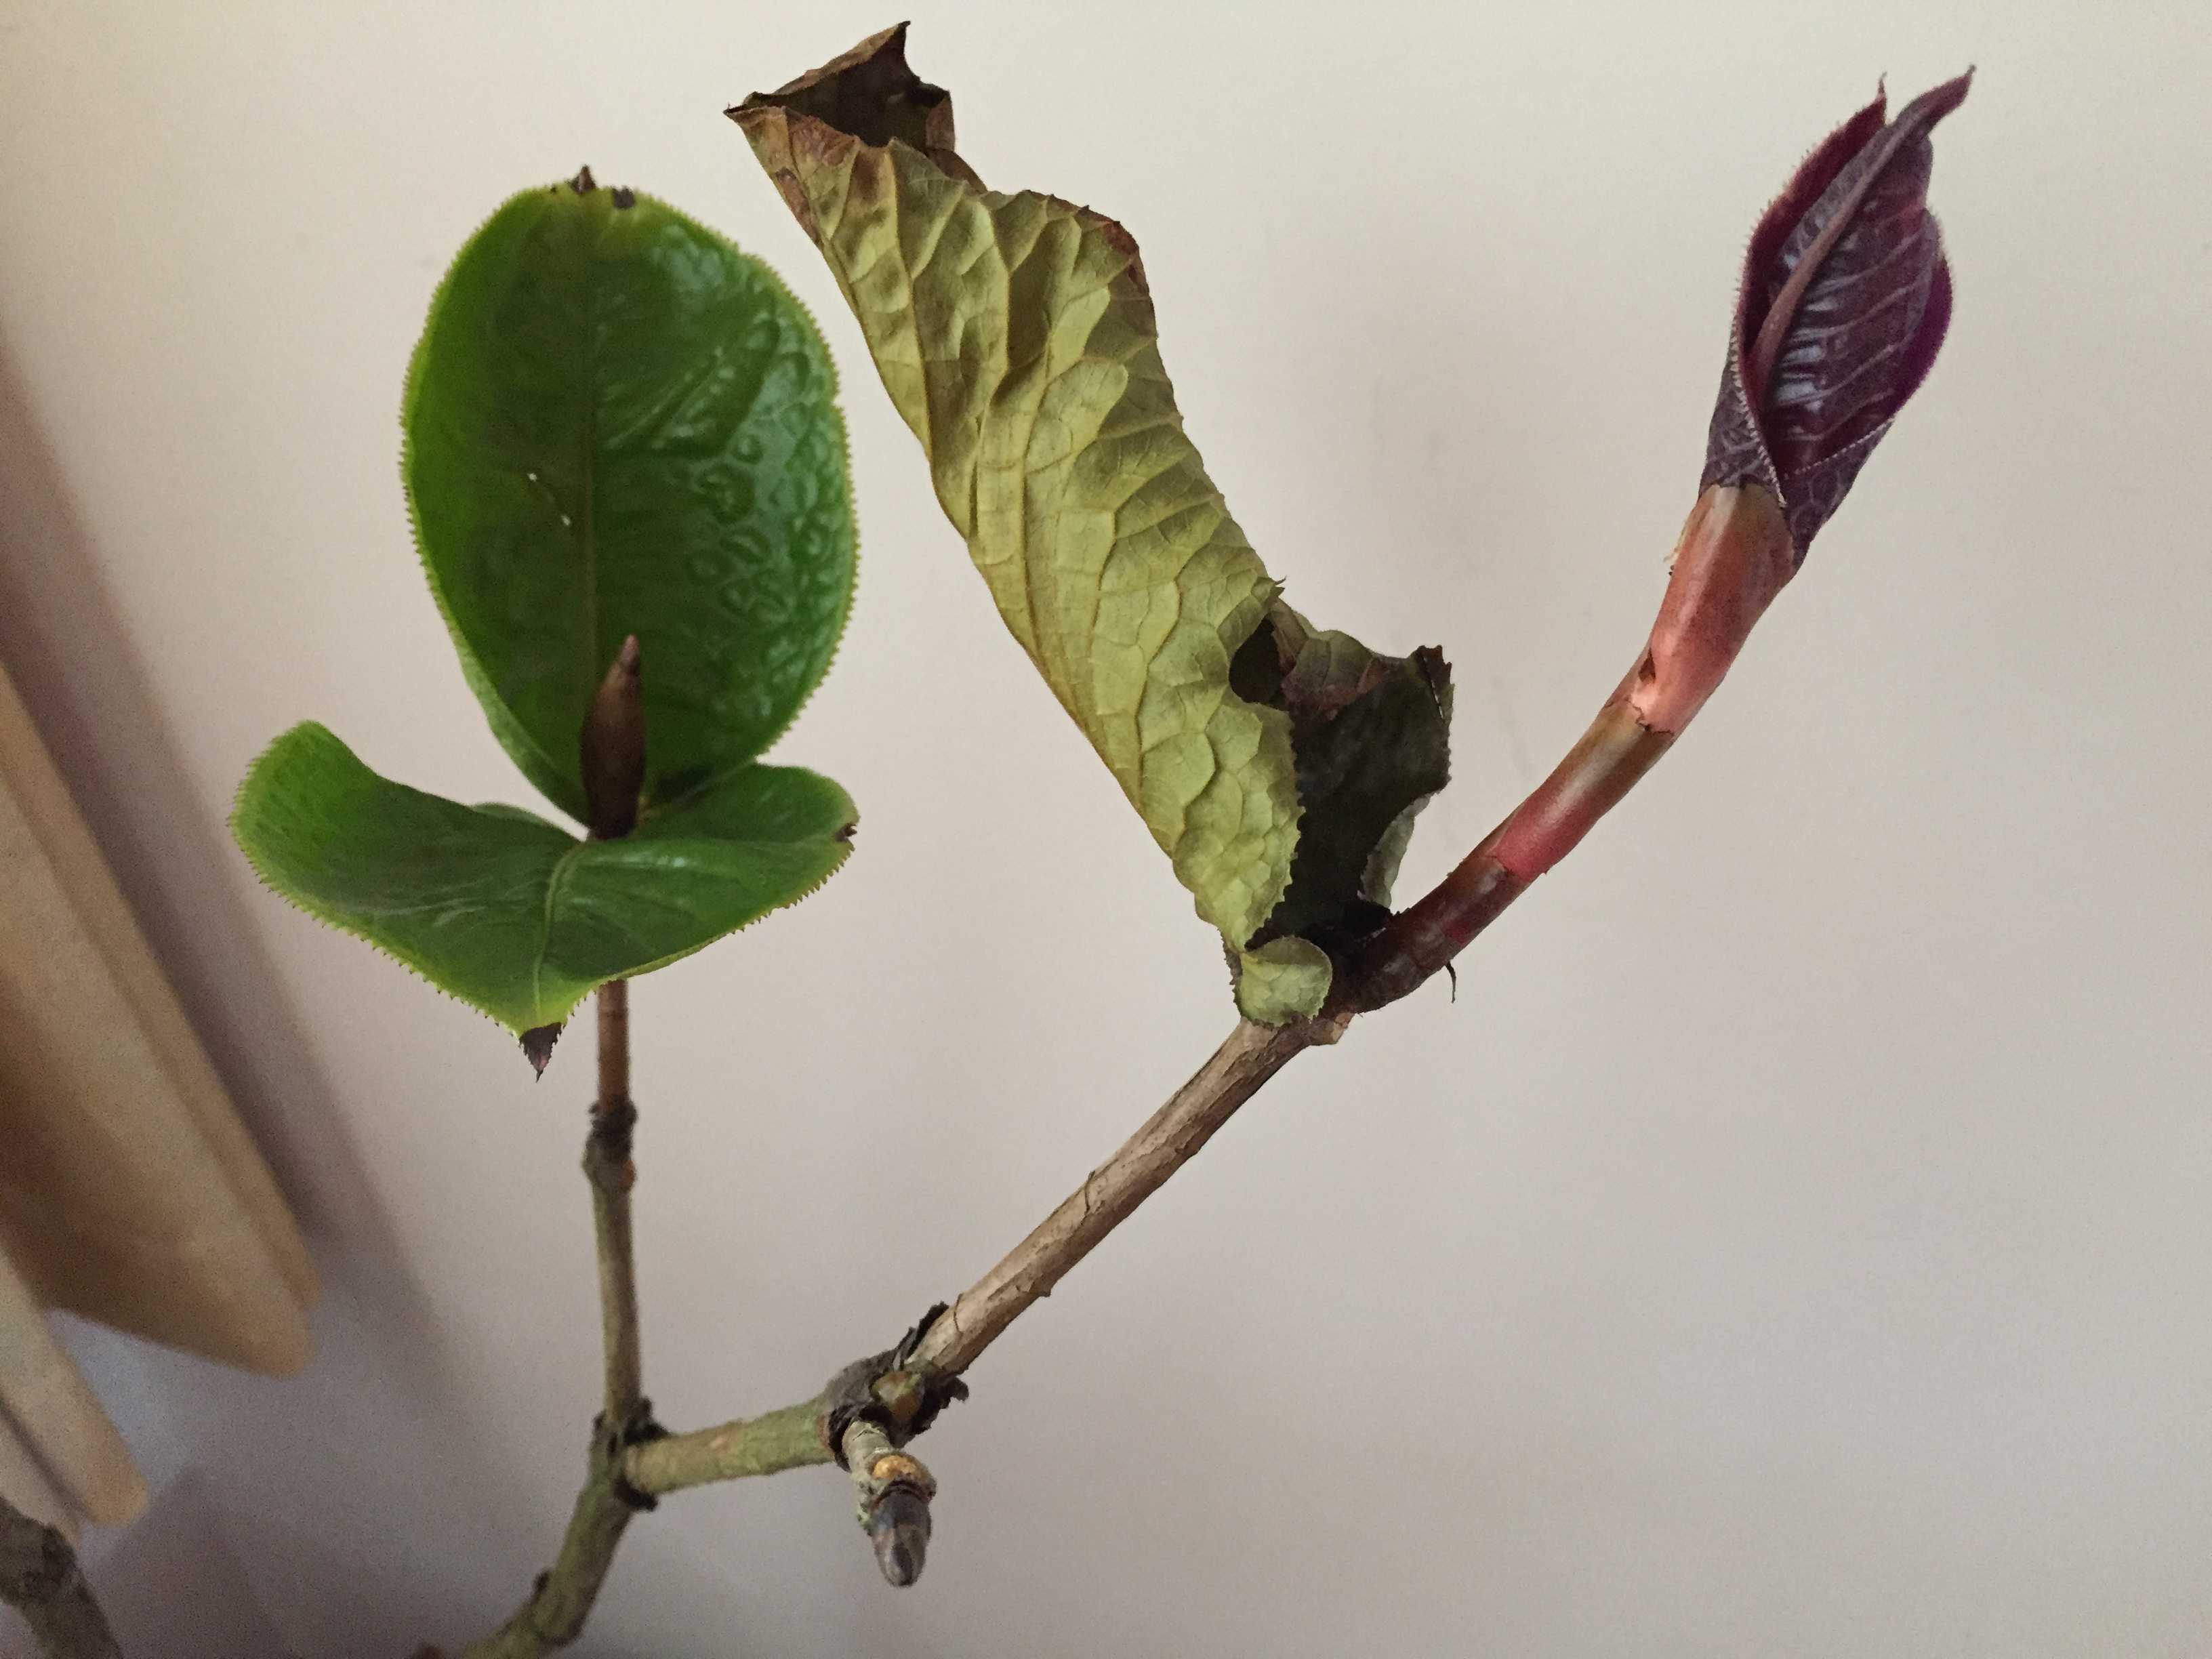 ベトナム産原種椿「ムラウチイ」の葉